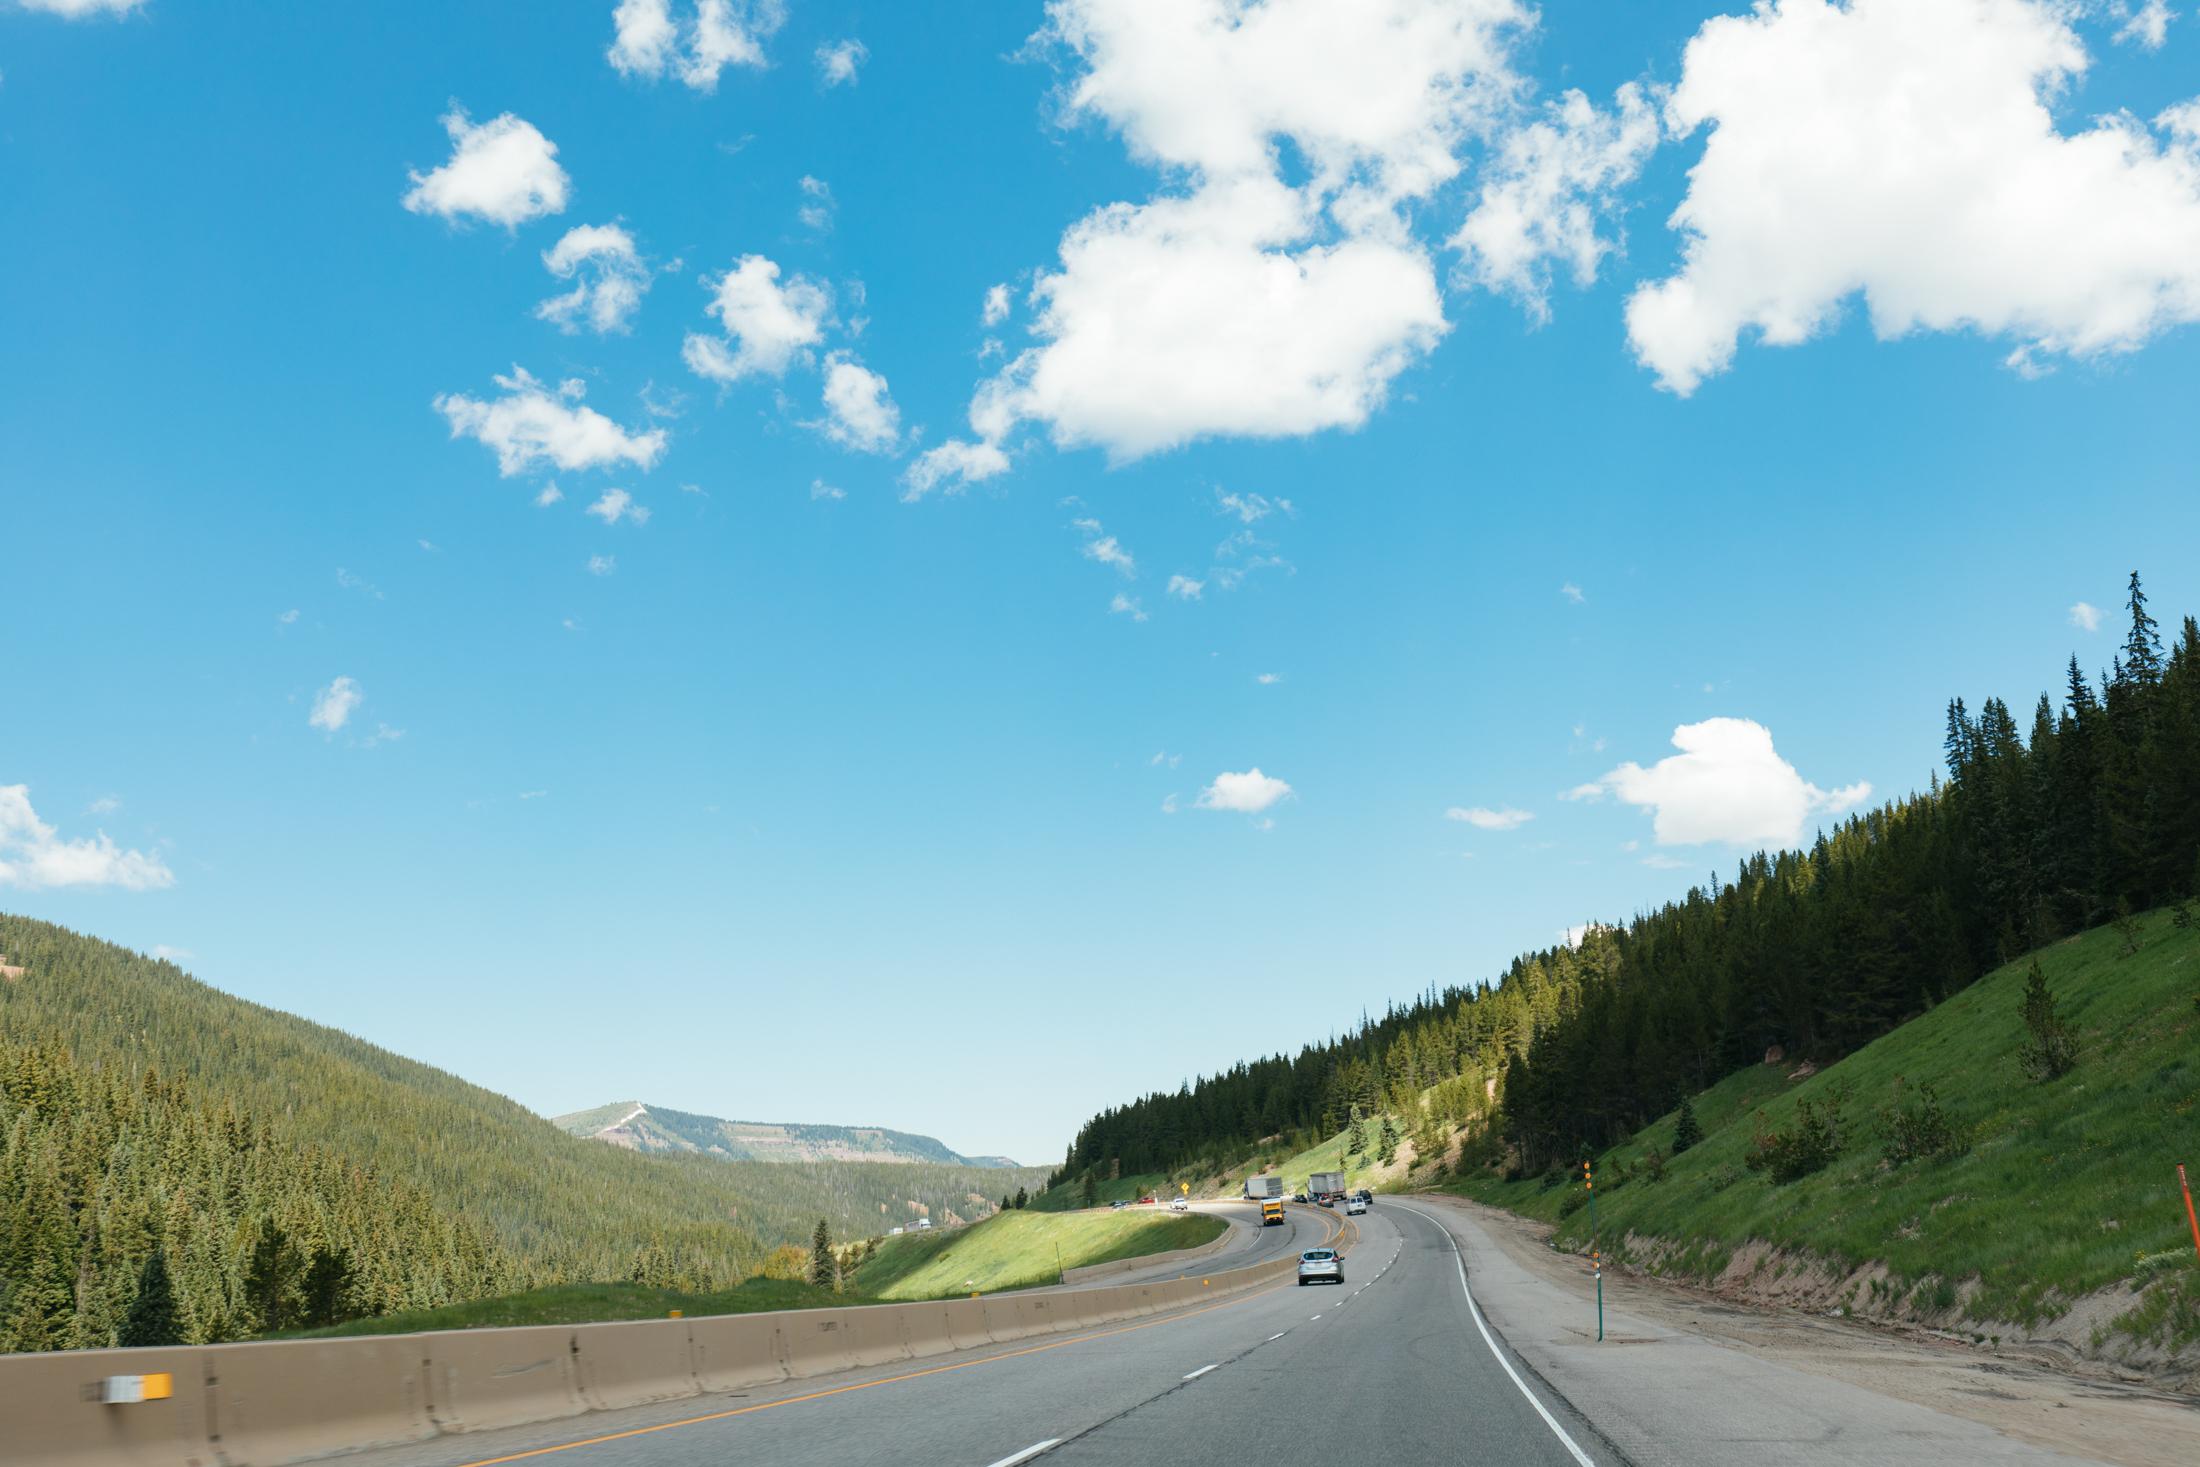 Day 8 - Leaving Colorado :(